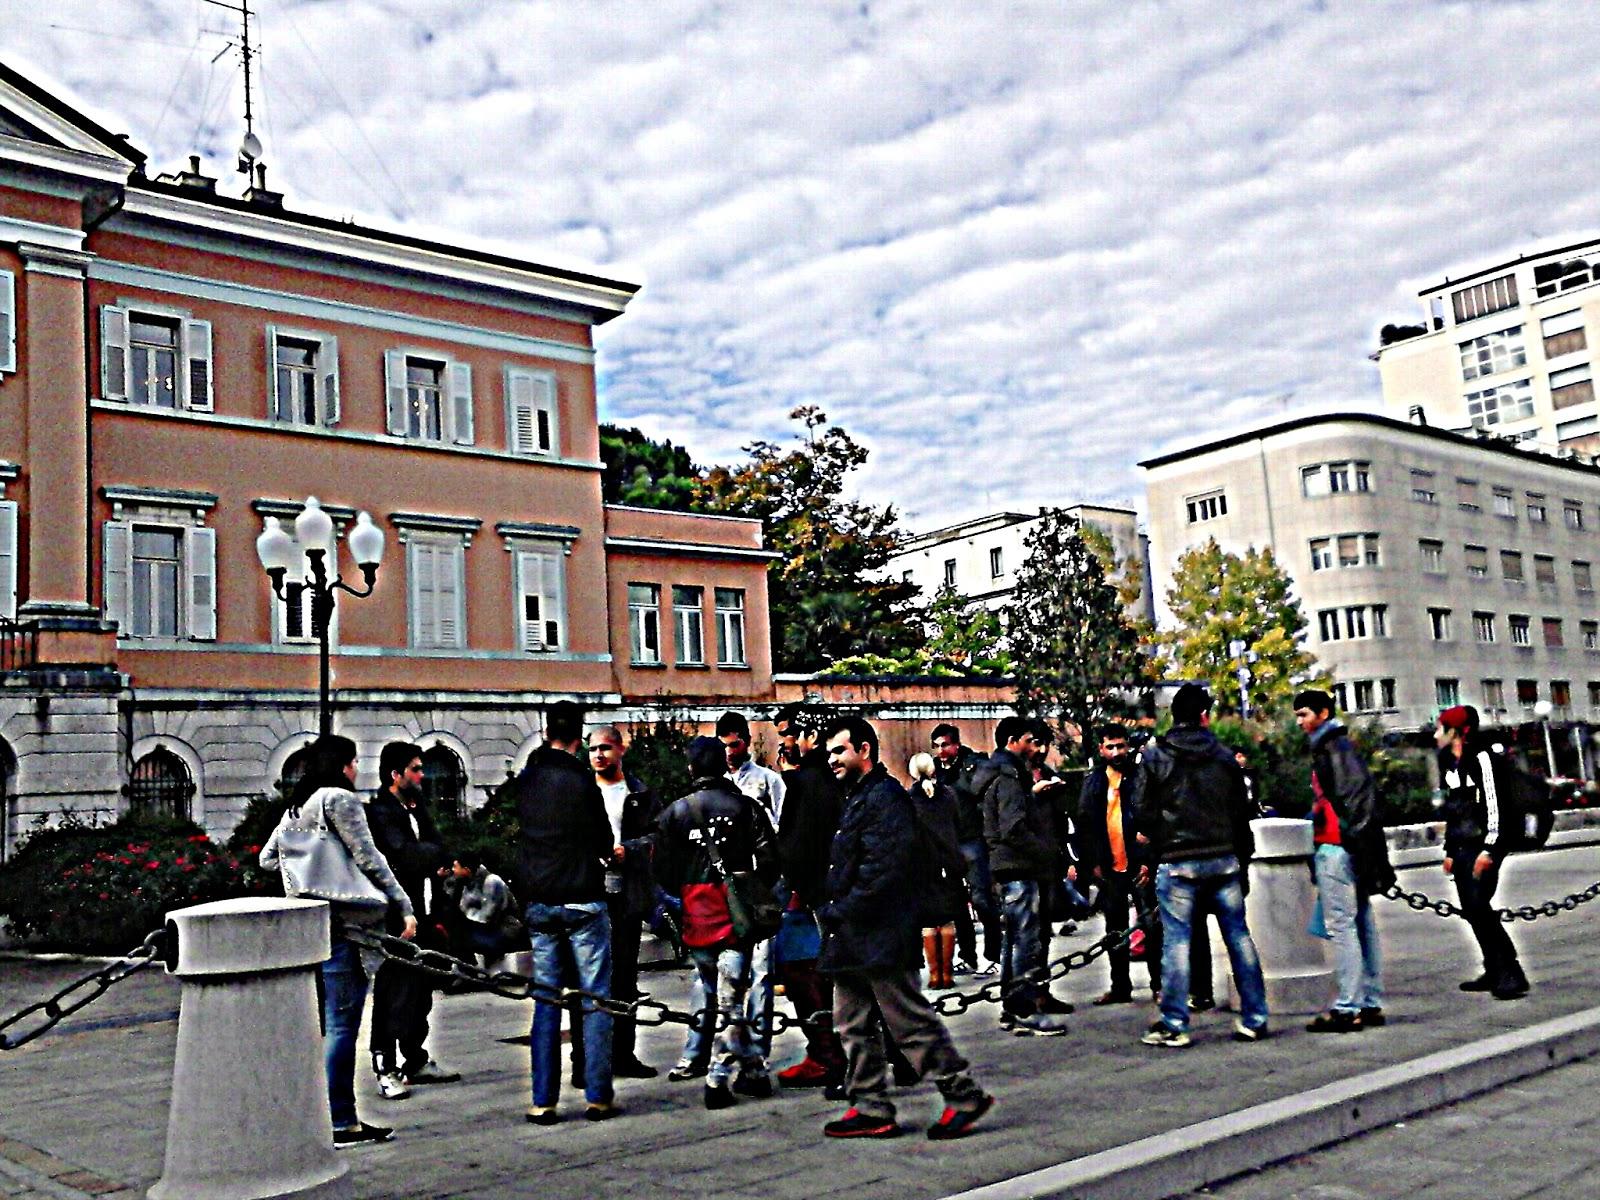 Questione richiedenti asilo di Gorizia la Prefettura può bypassare ...